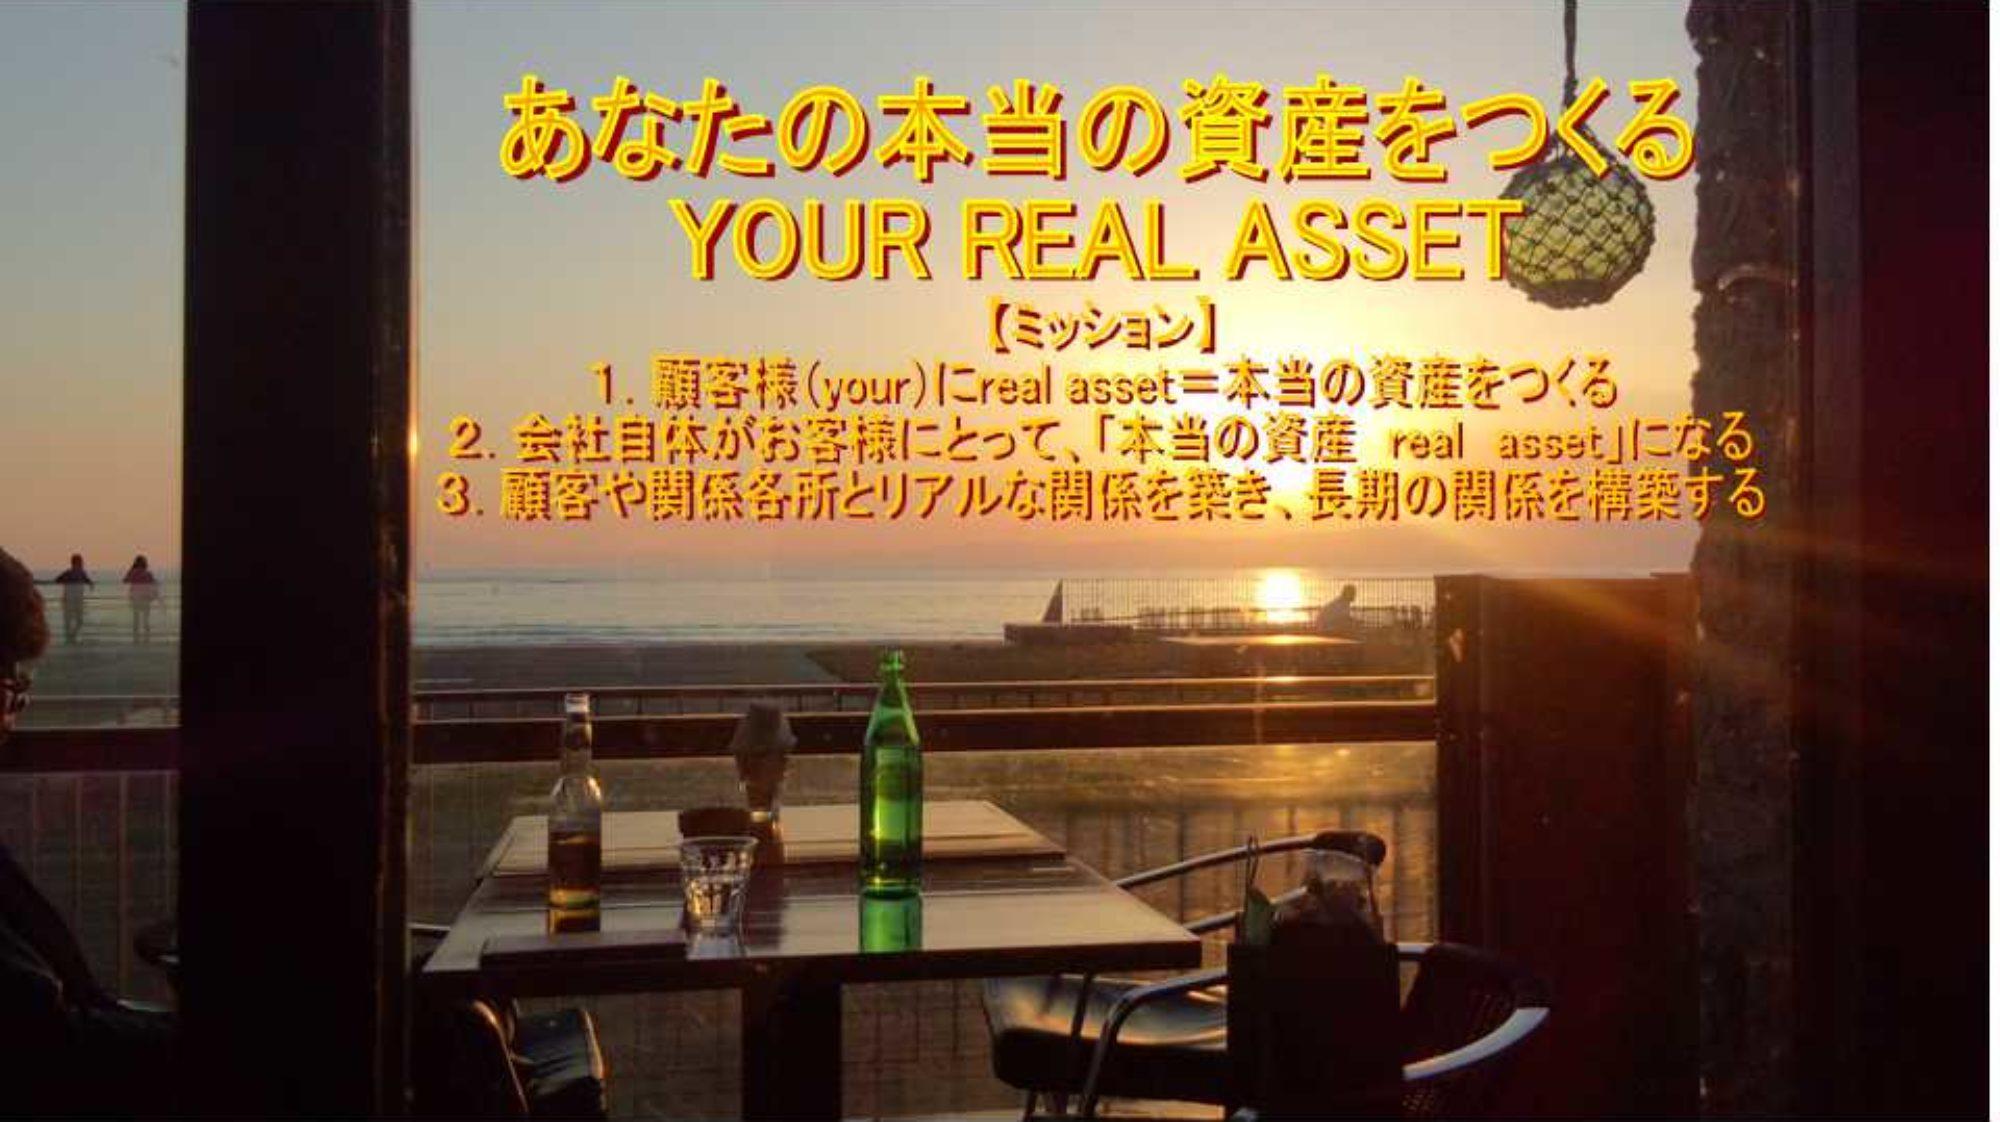 10万円でワンルーム経営